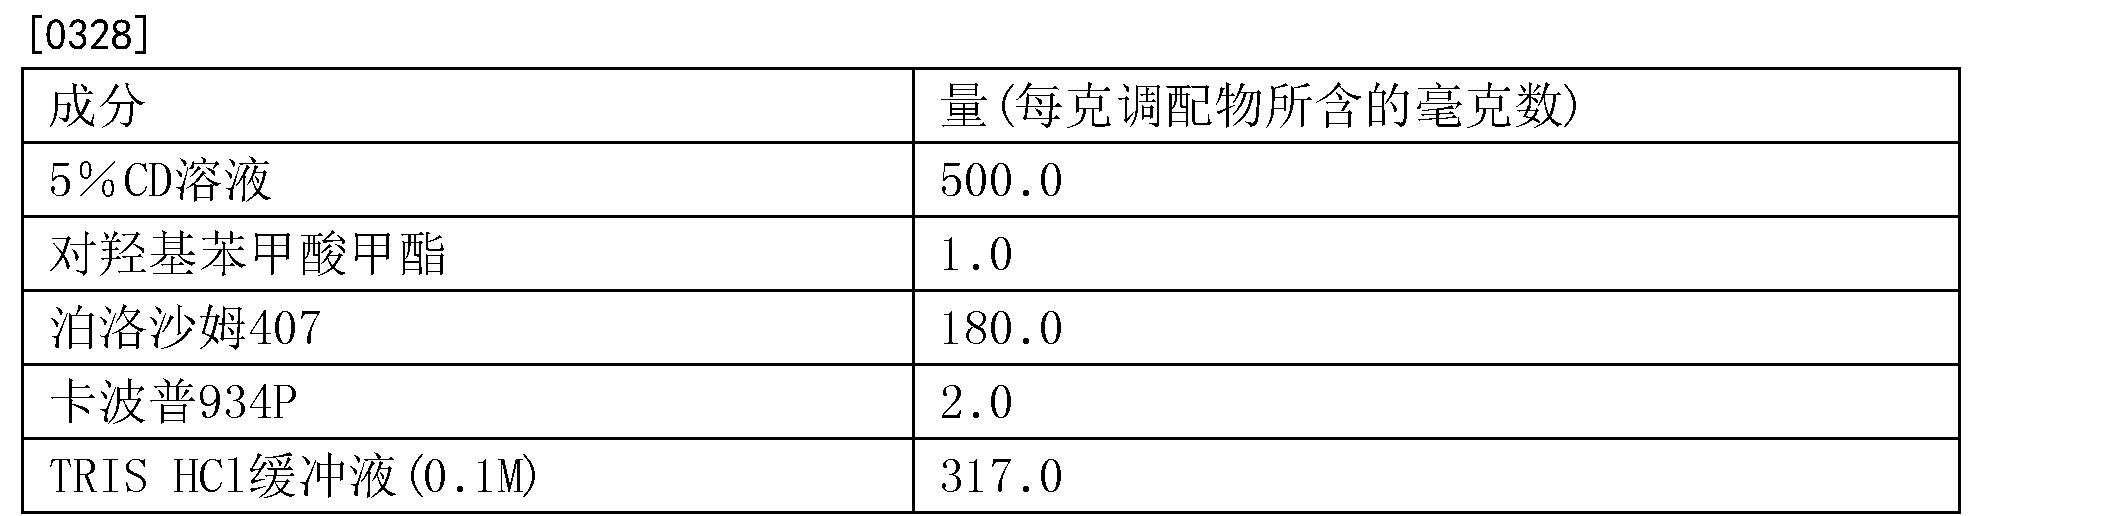 Figure CN103417472BD00483